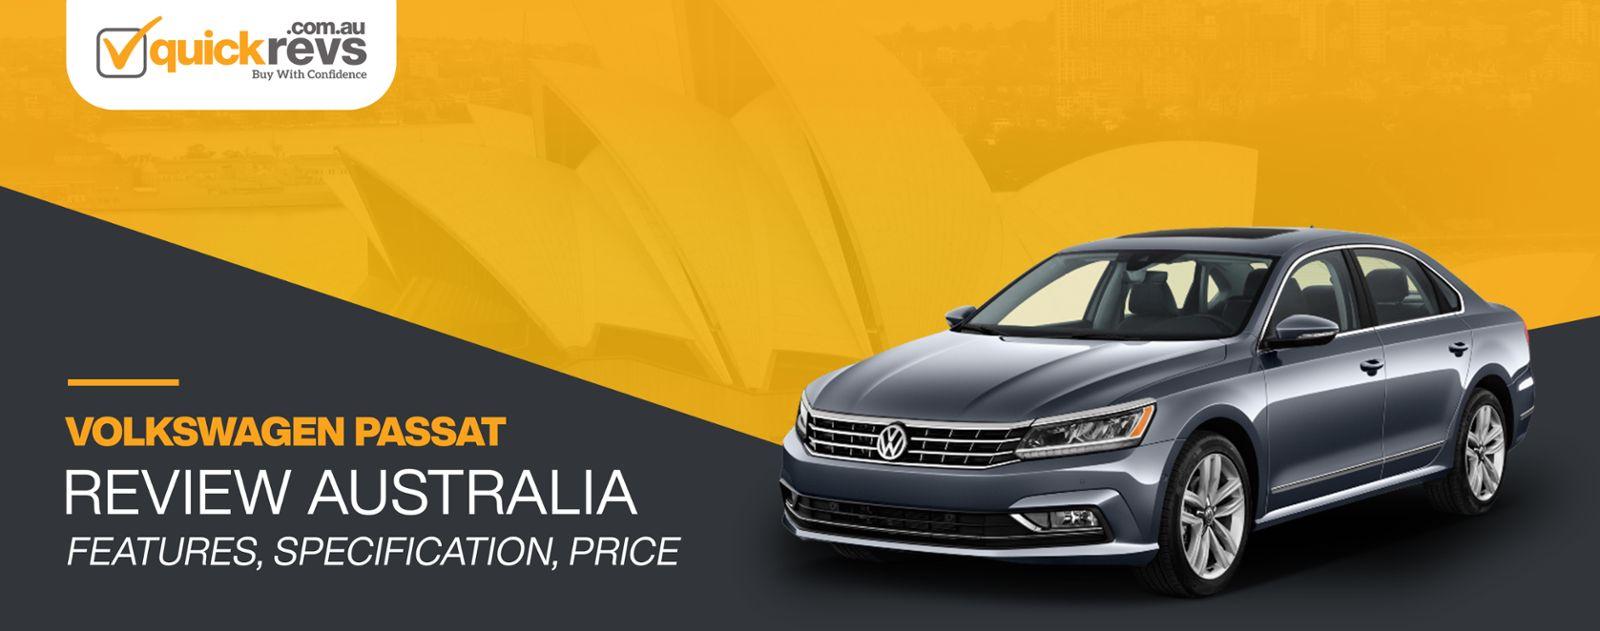 Volkswagen Passat Review Australia